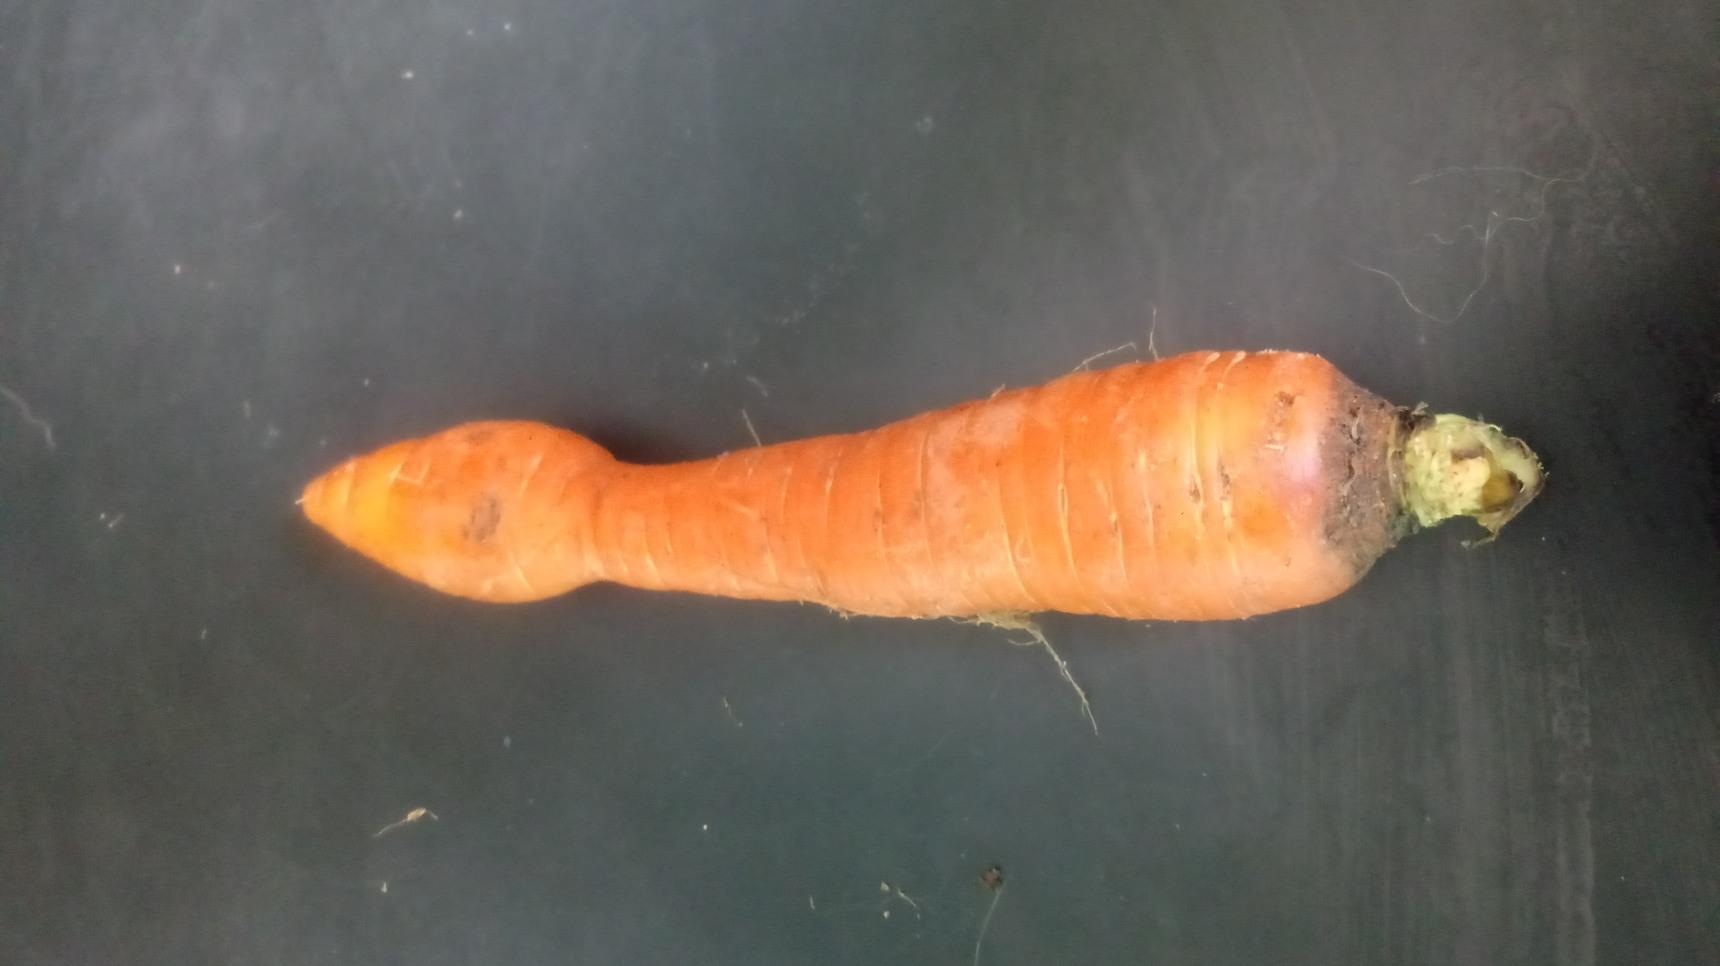 This carrot is so strange - meme